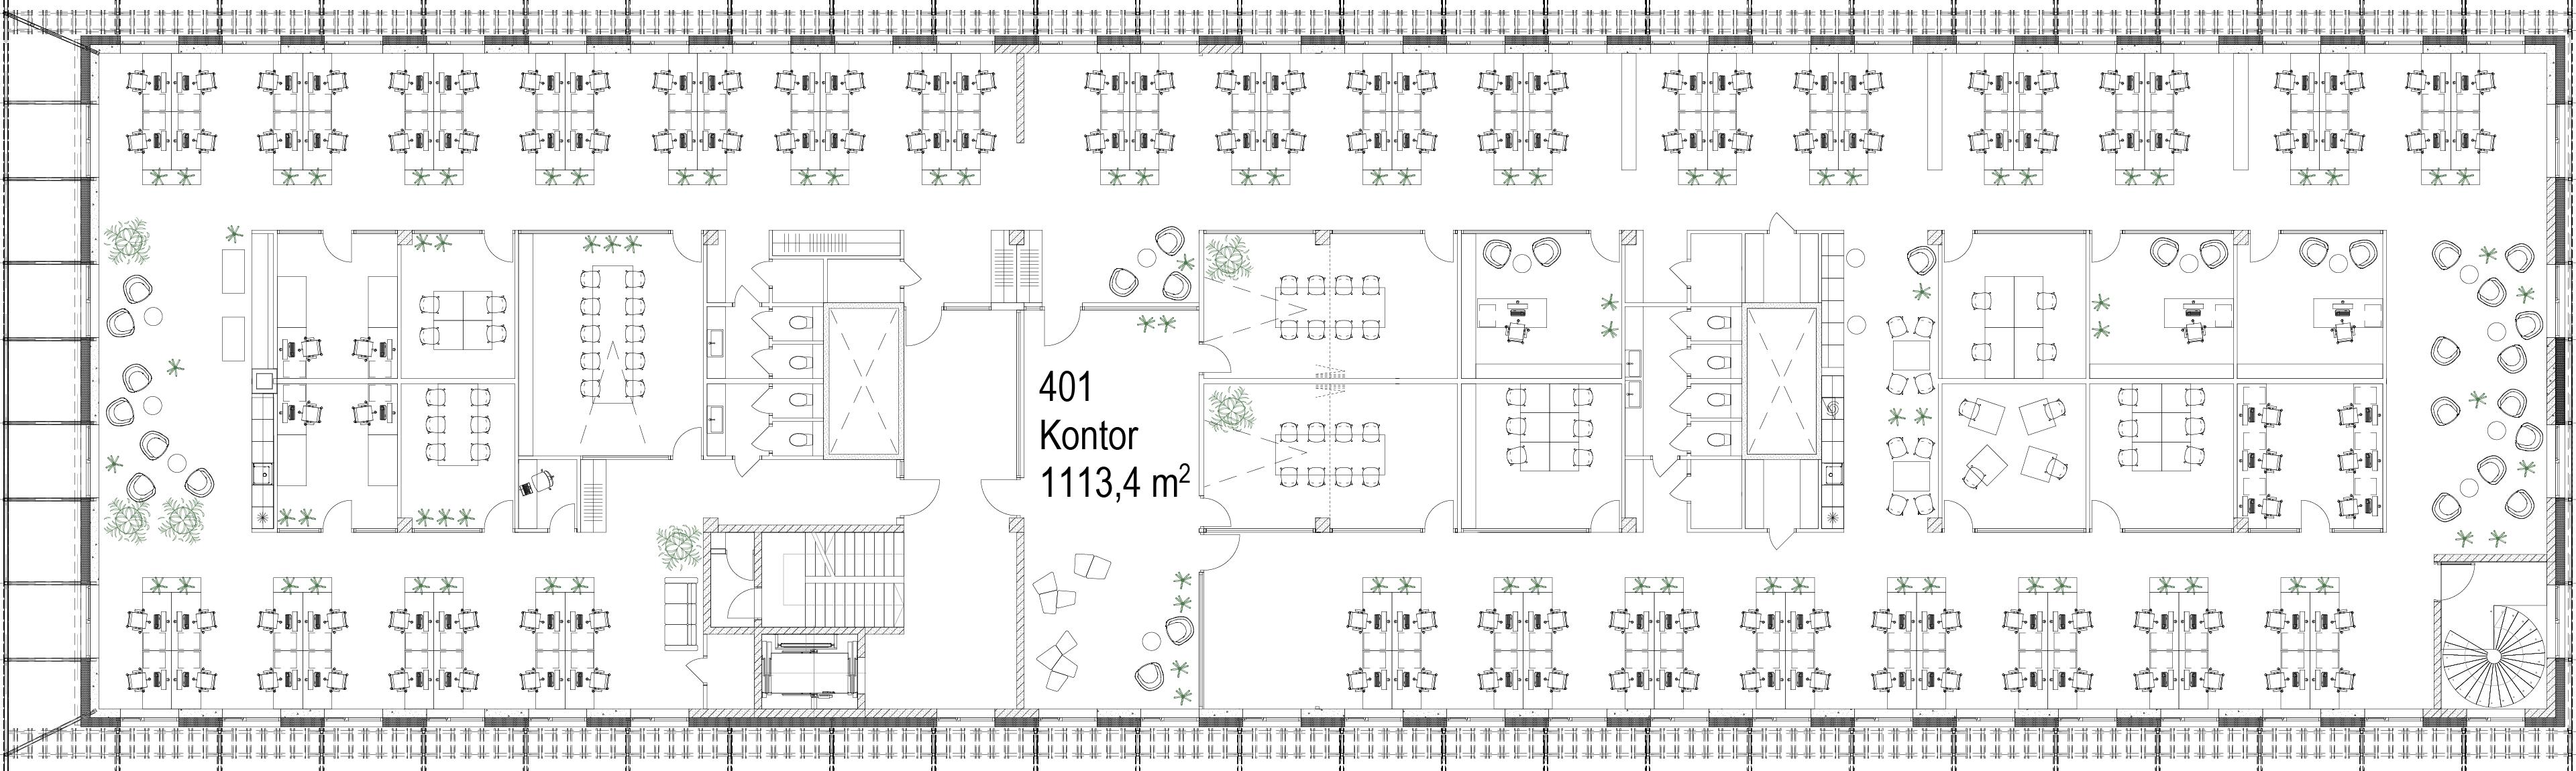 4 - Floor - 4